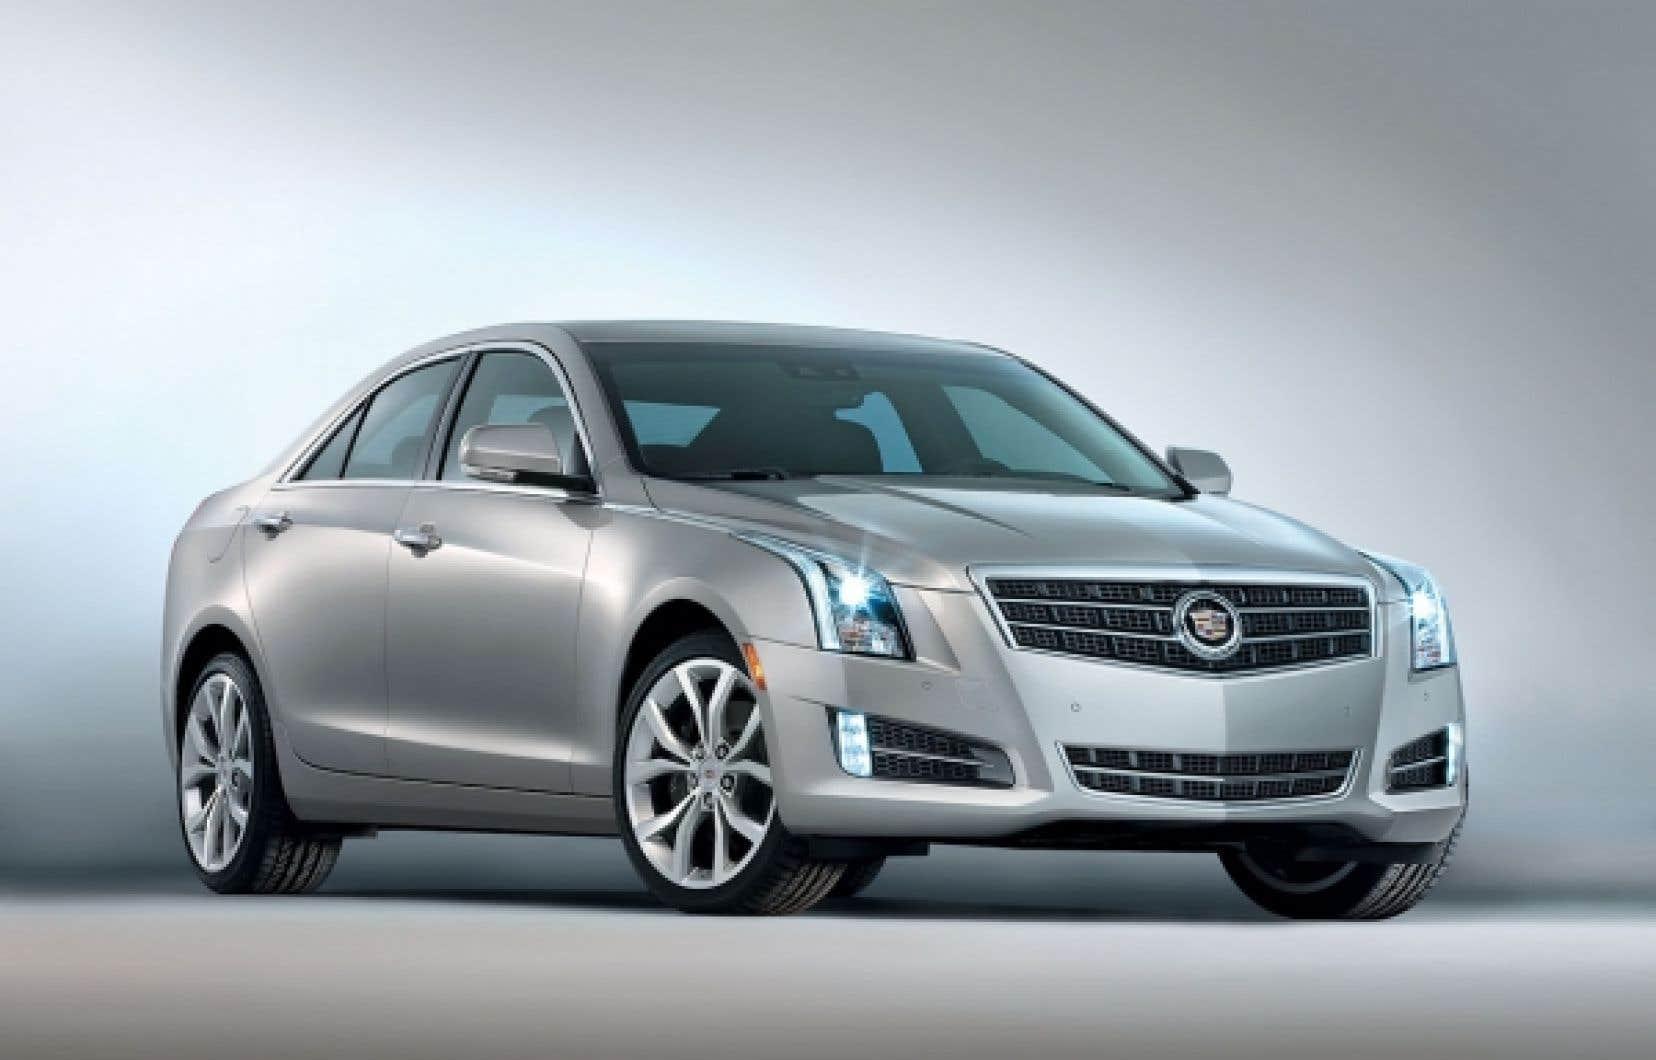 C'est dans l'optique de s'adapter au marché de ses rivales allemandes que Cadillac lance la nouvelle ATS.